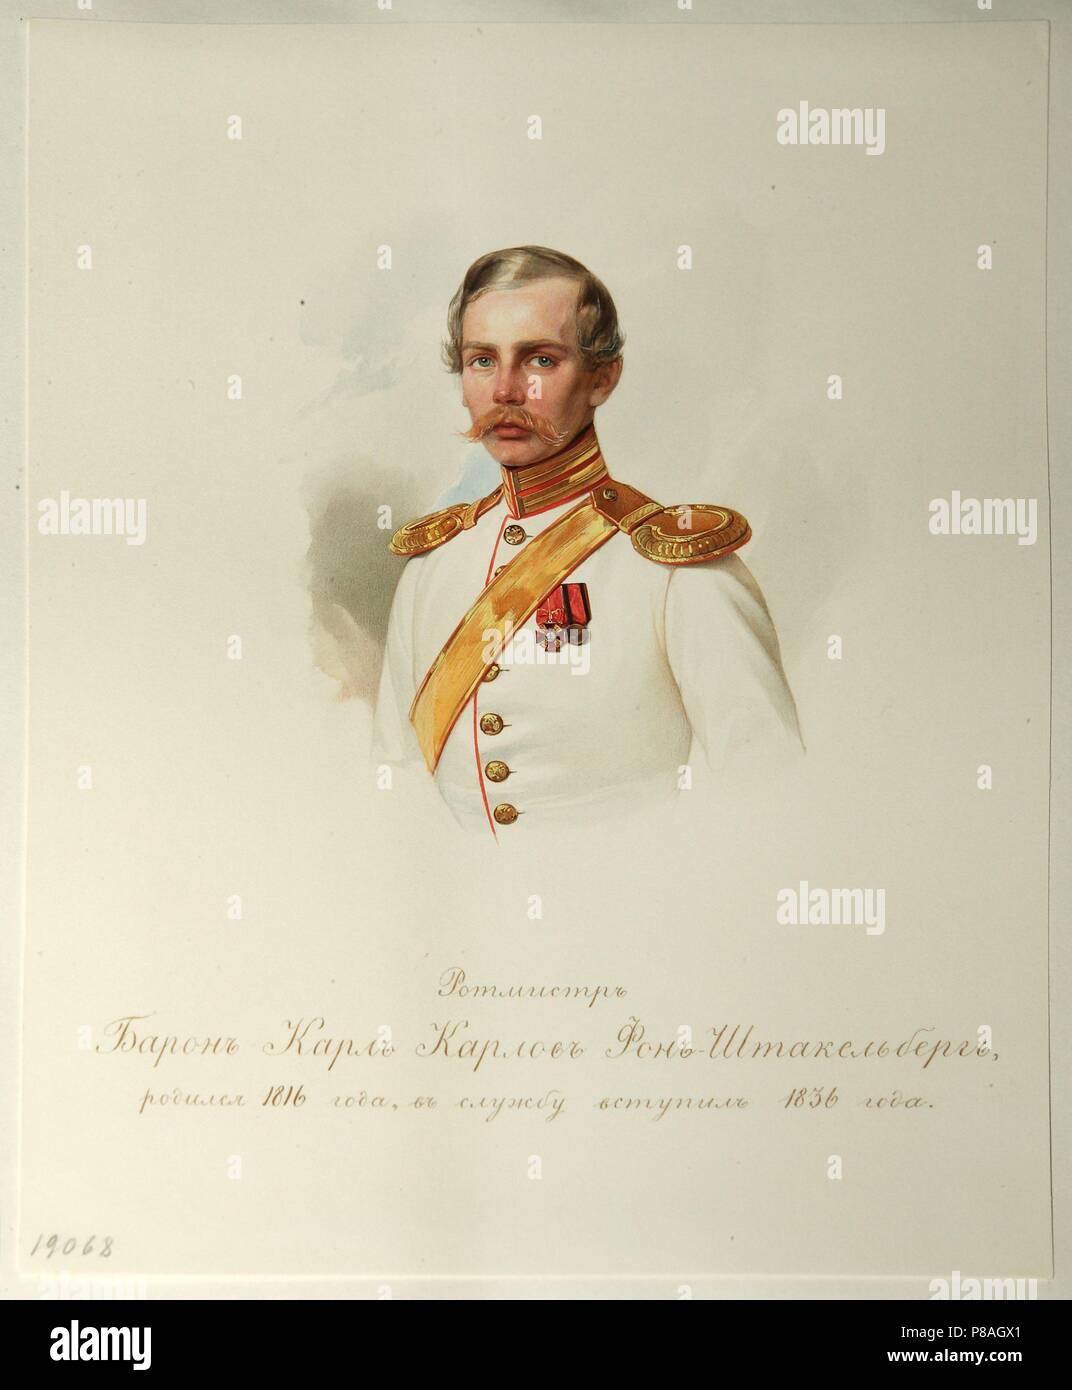 Portrait du baron Karl Karlovich von Stackelberg (1816-1887) (tiré de l'Album de la cavalerie de la garde impériale). Musée: Institut de la littérature russe (Pushkin-House IRLI), Saint-Pétersbourg. Banque D'Images